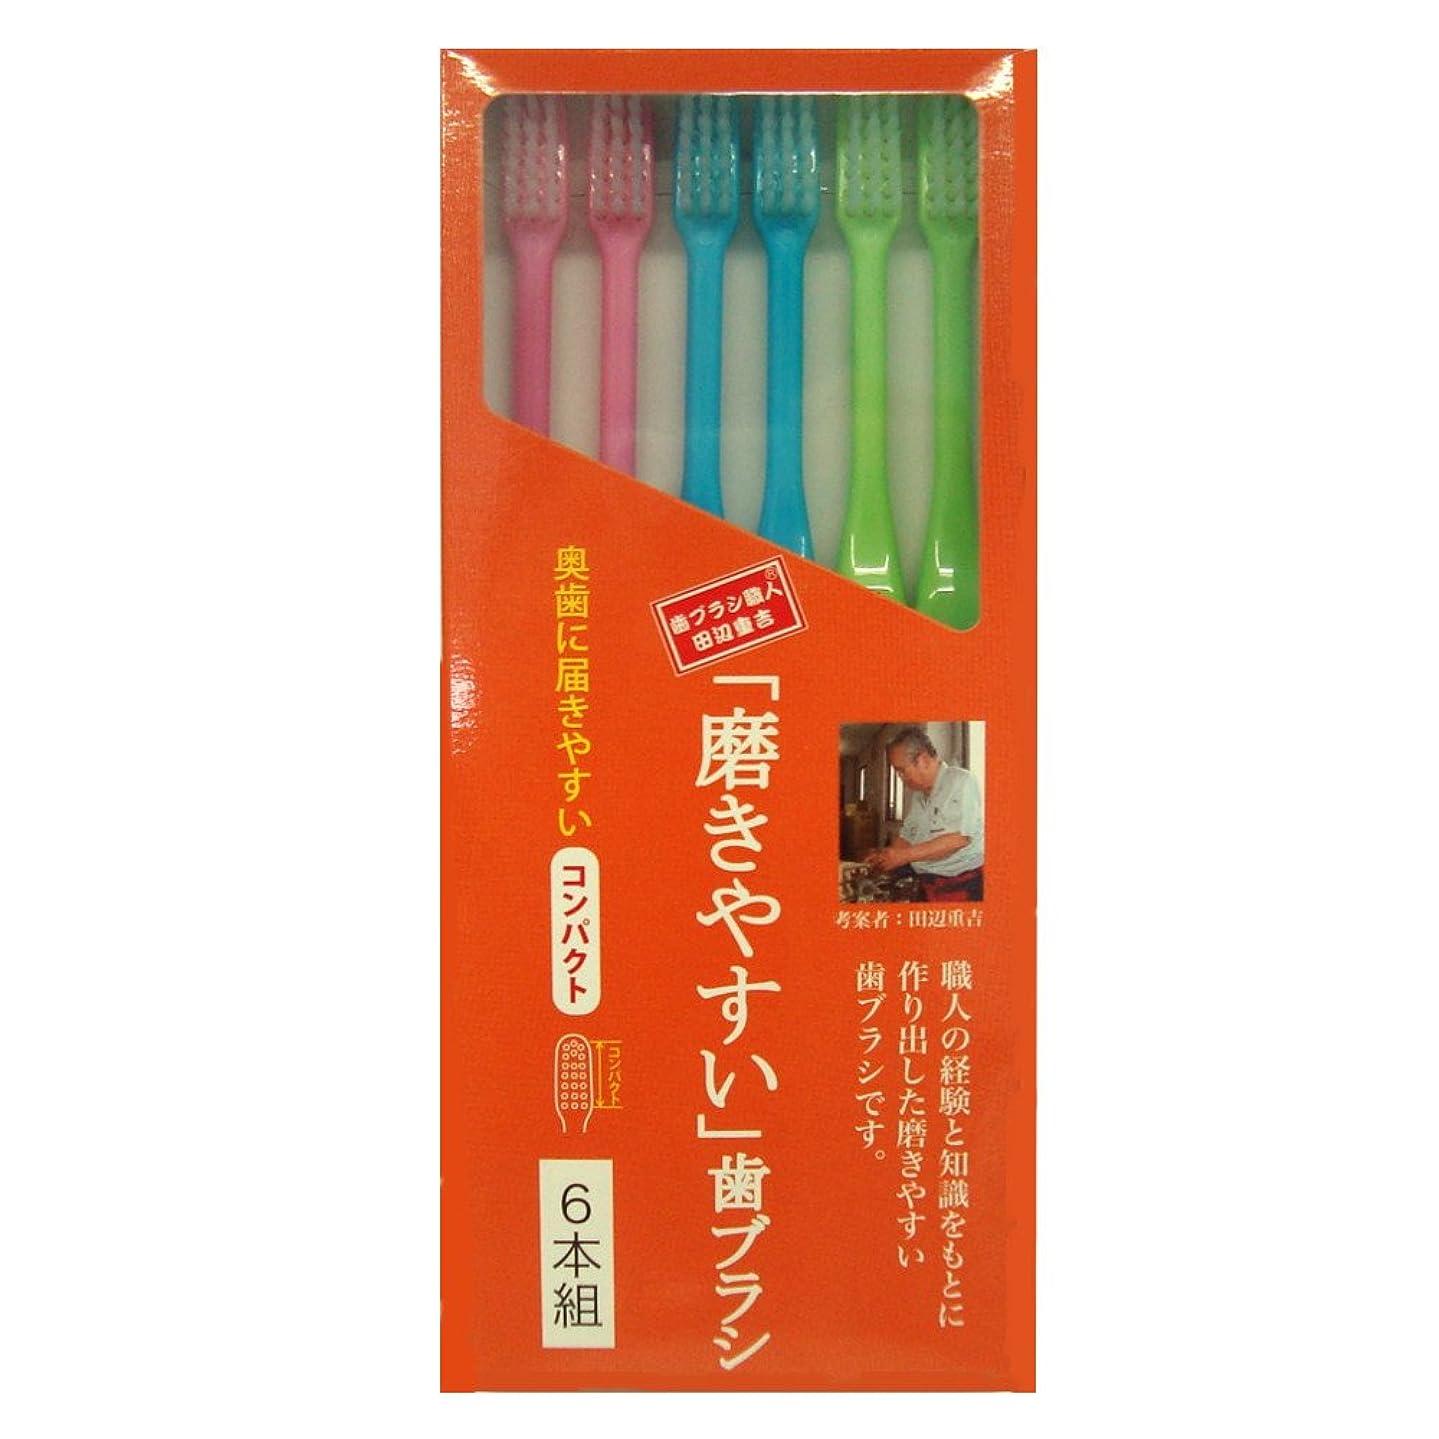 ベット起きろ険しい磨きやすい歯ブラシ 6本組 コンパクトタイプ